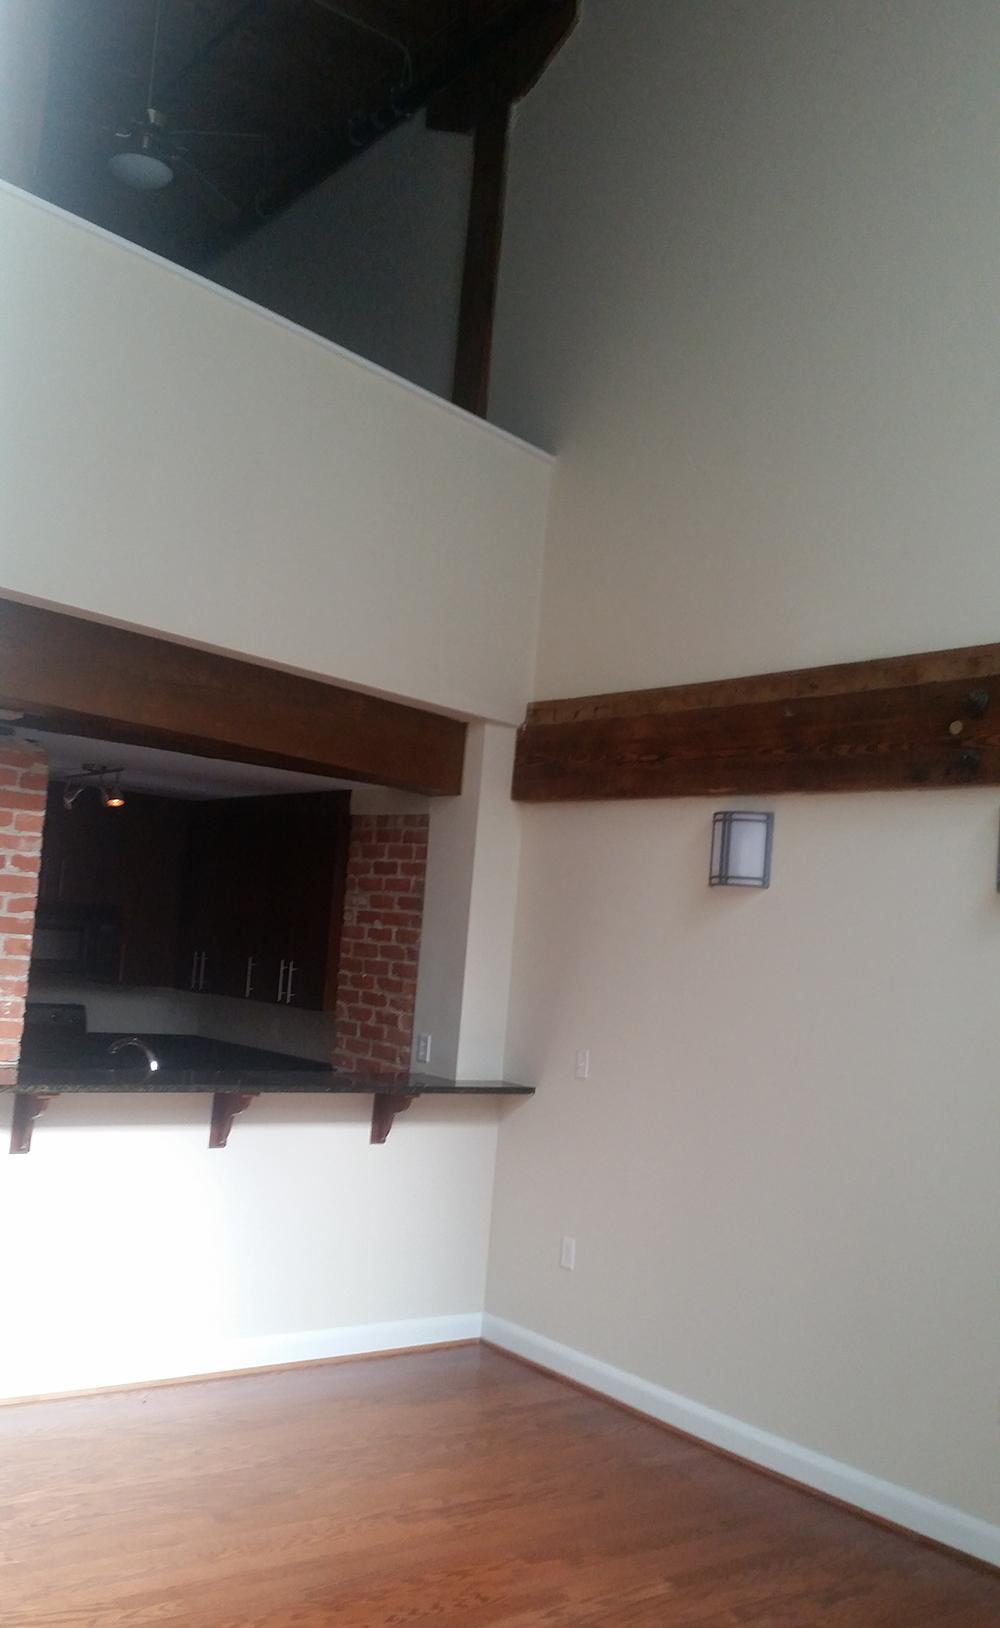 Kitchen / Loft View - Before